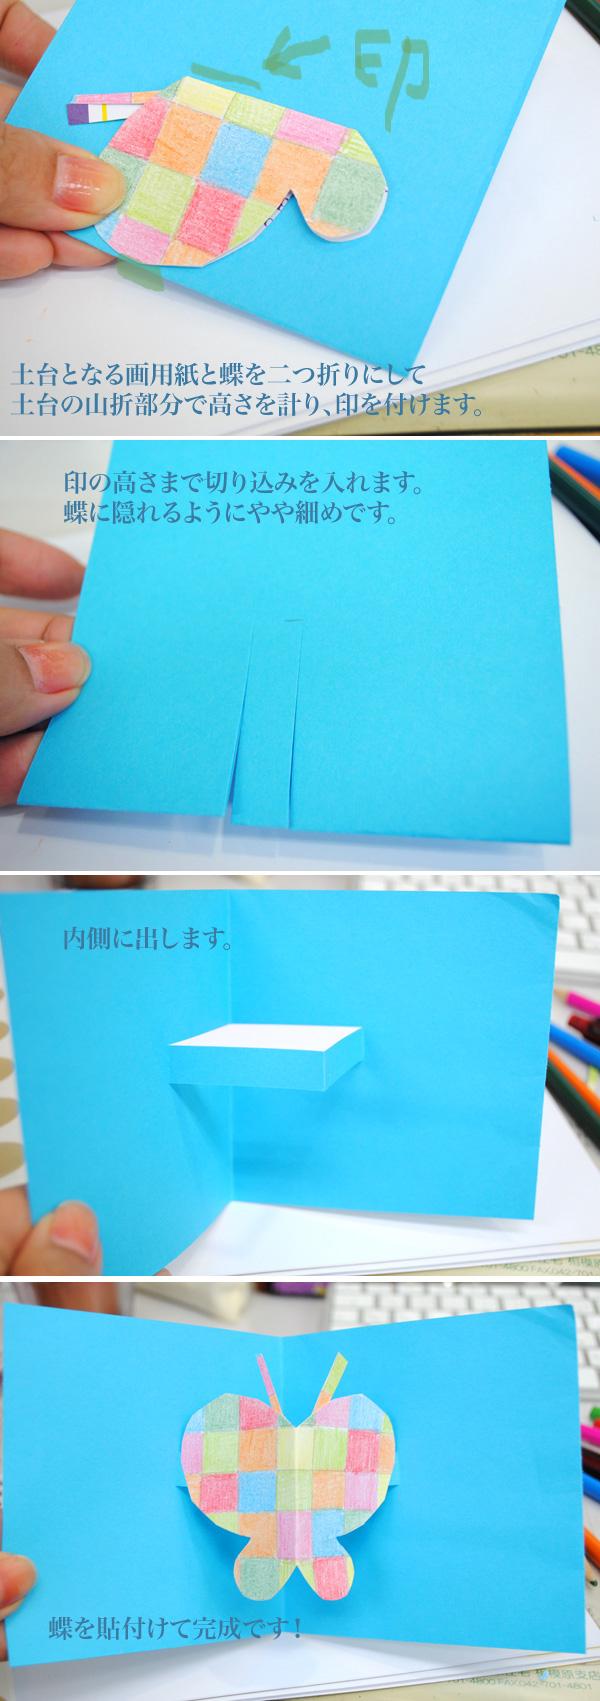 お子様と一緒に!カラフルな簡単手作りカード_d0225198_927459.jpg